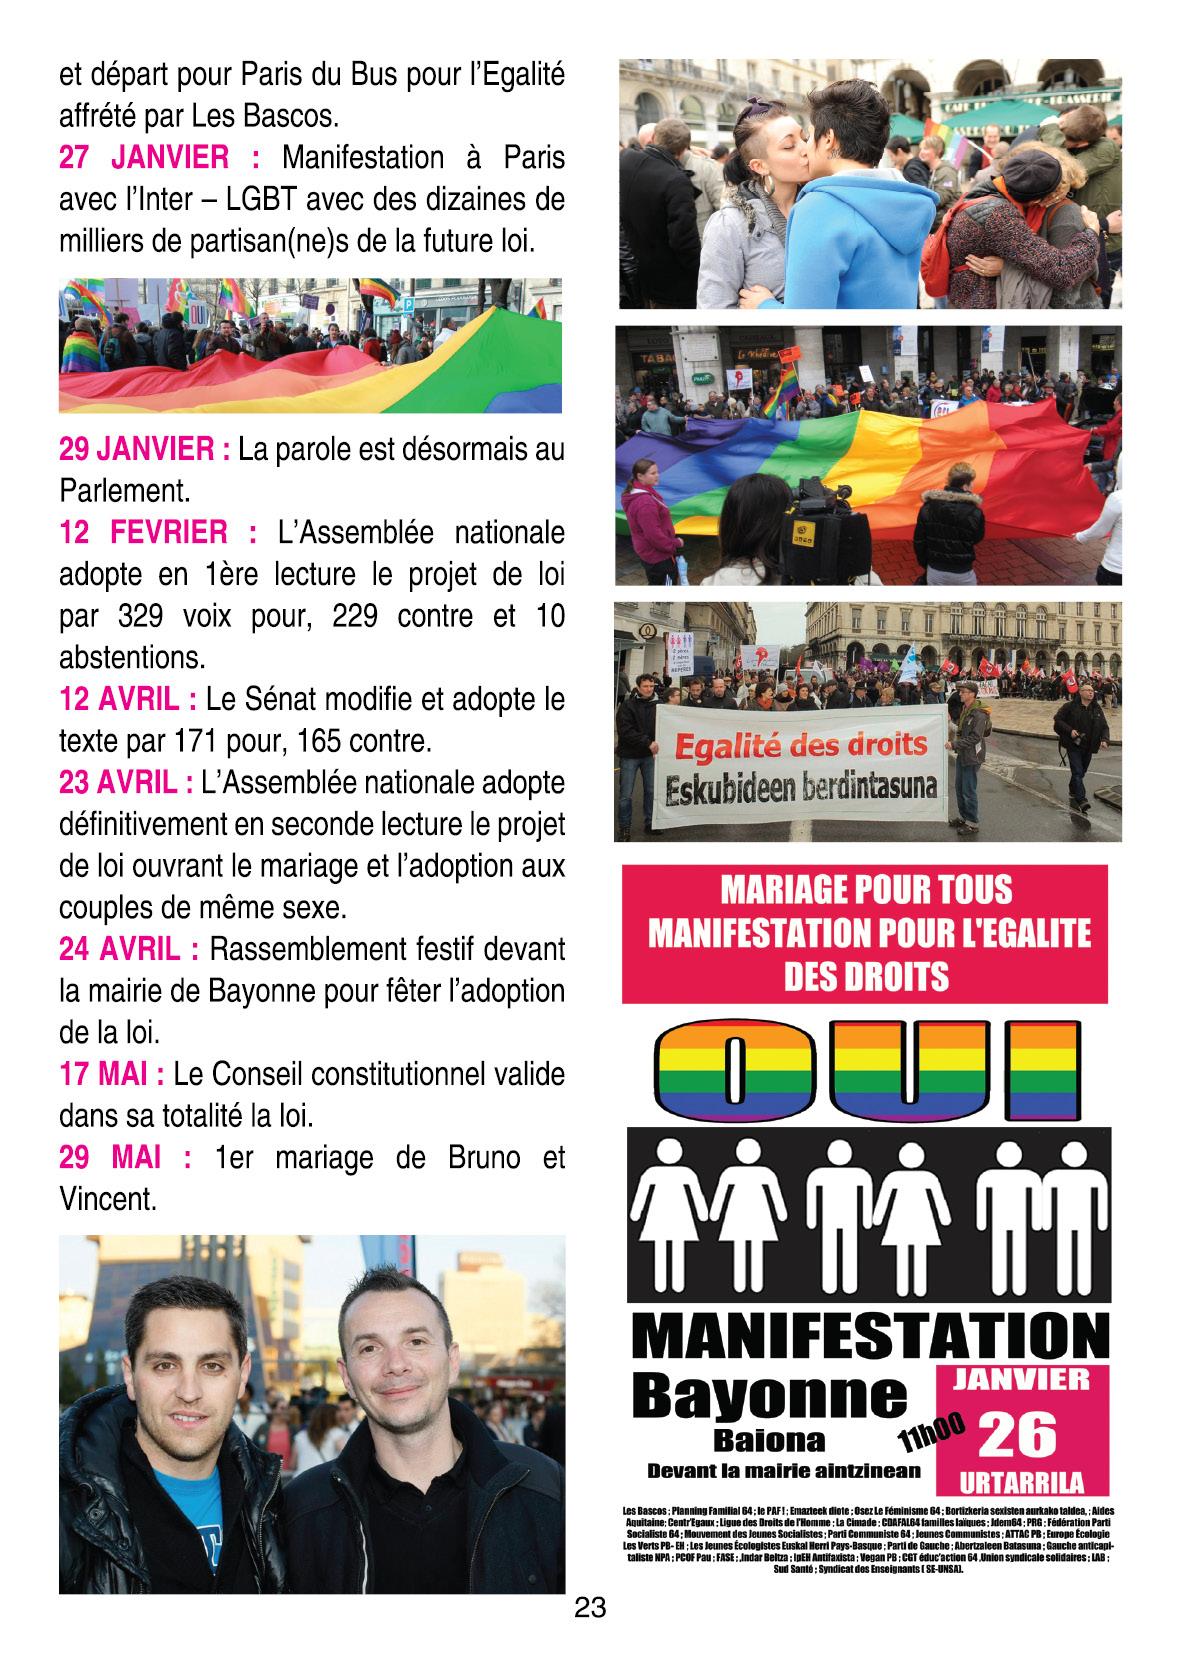 rencontrer l'autre parent les droits de visite en souffrance Marseille